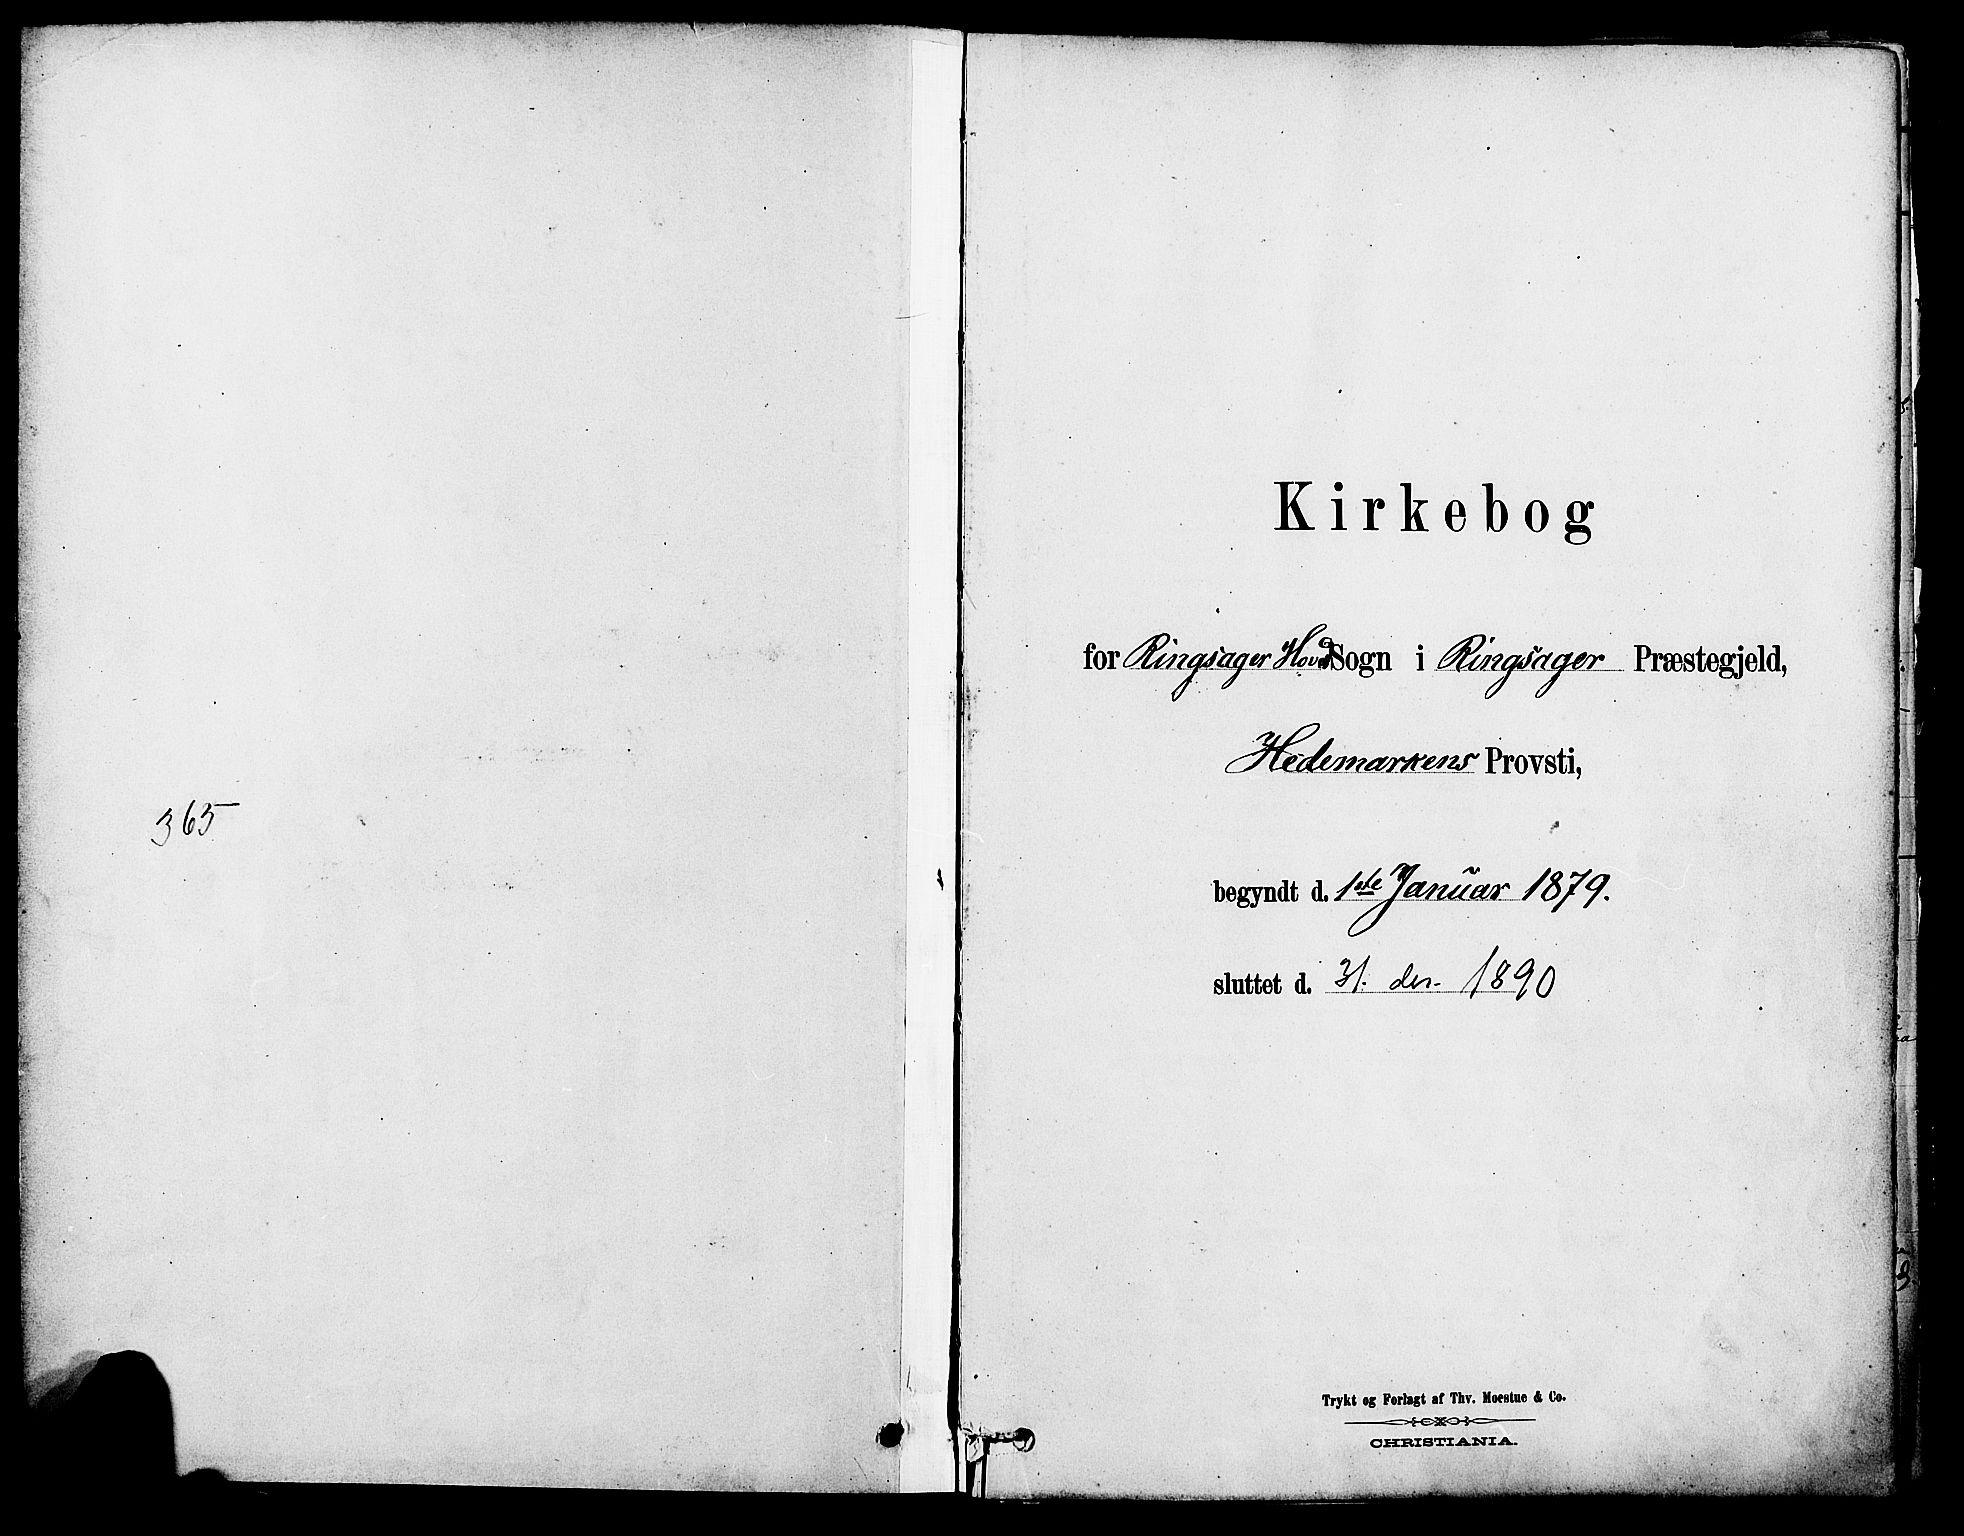 SAH, Ringsaker prestekontor, K/Ka/L0012: Parish register (official) no. 12, 1879-1890